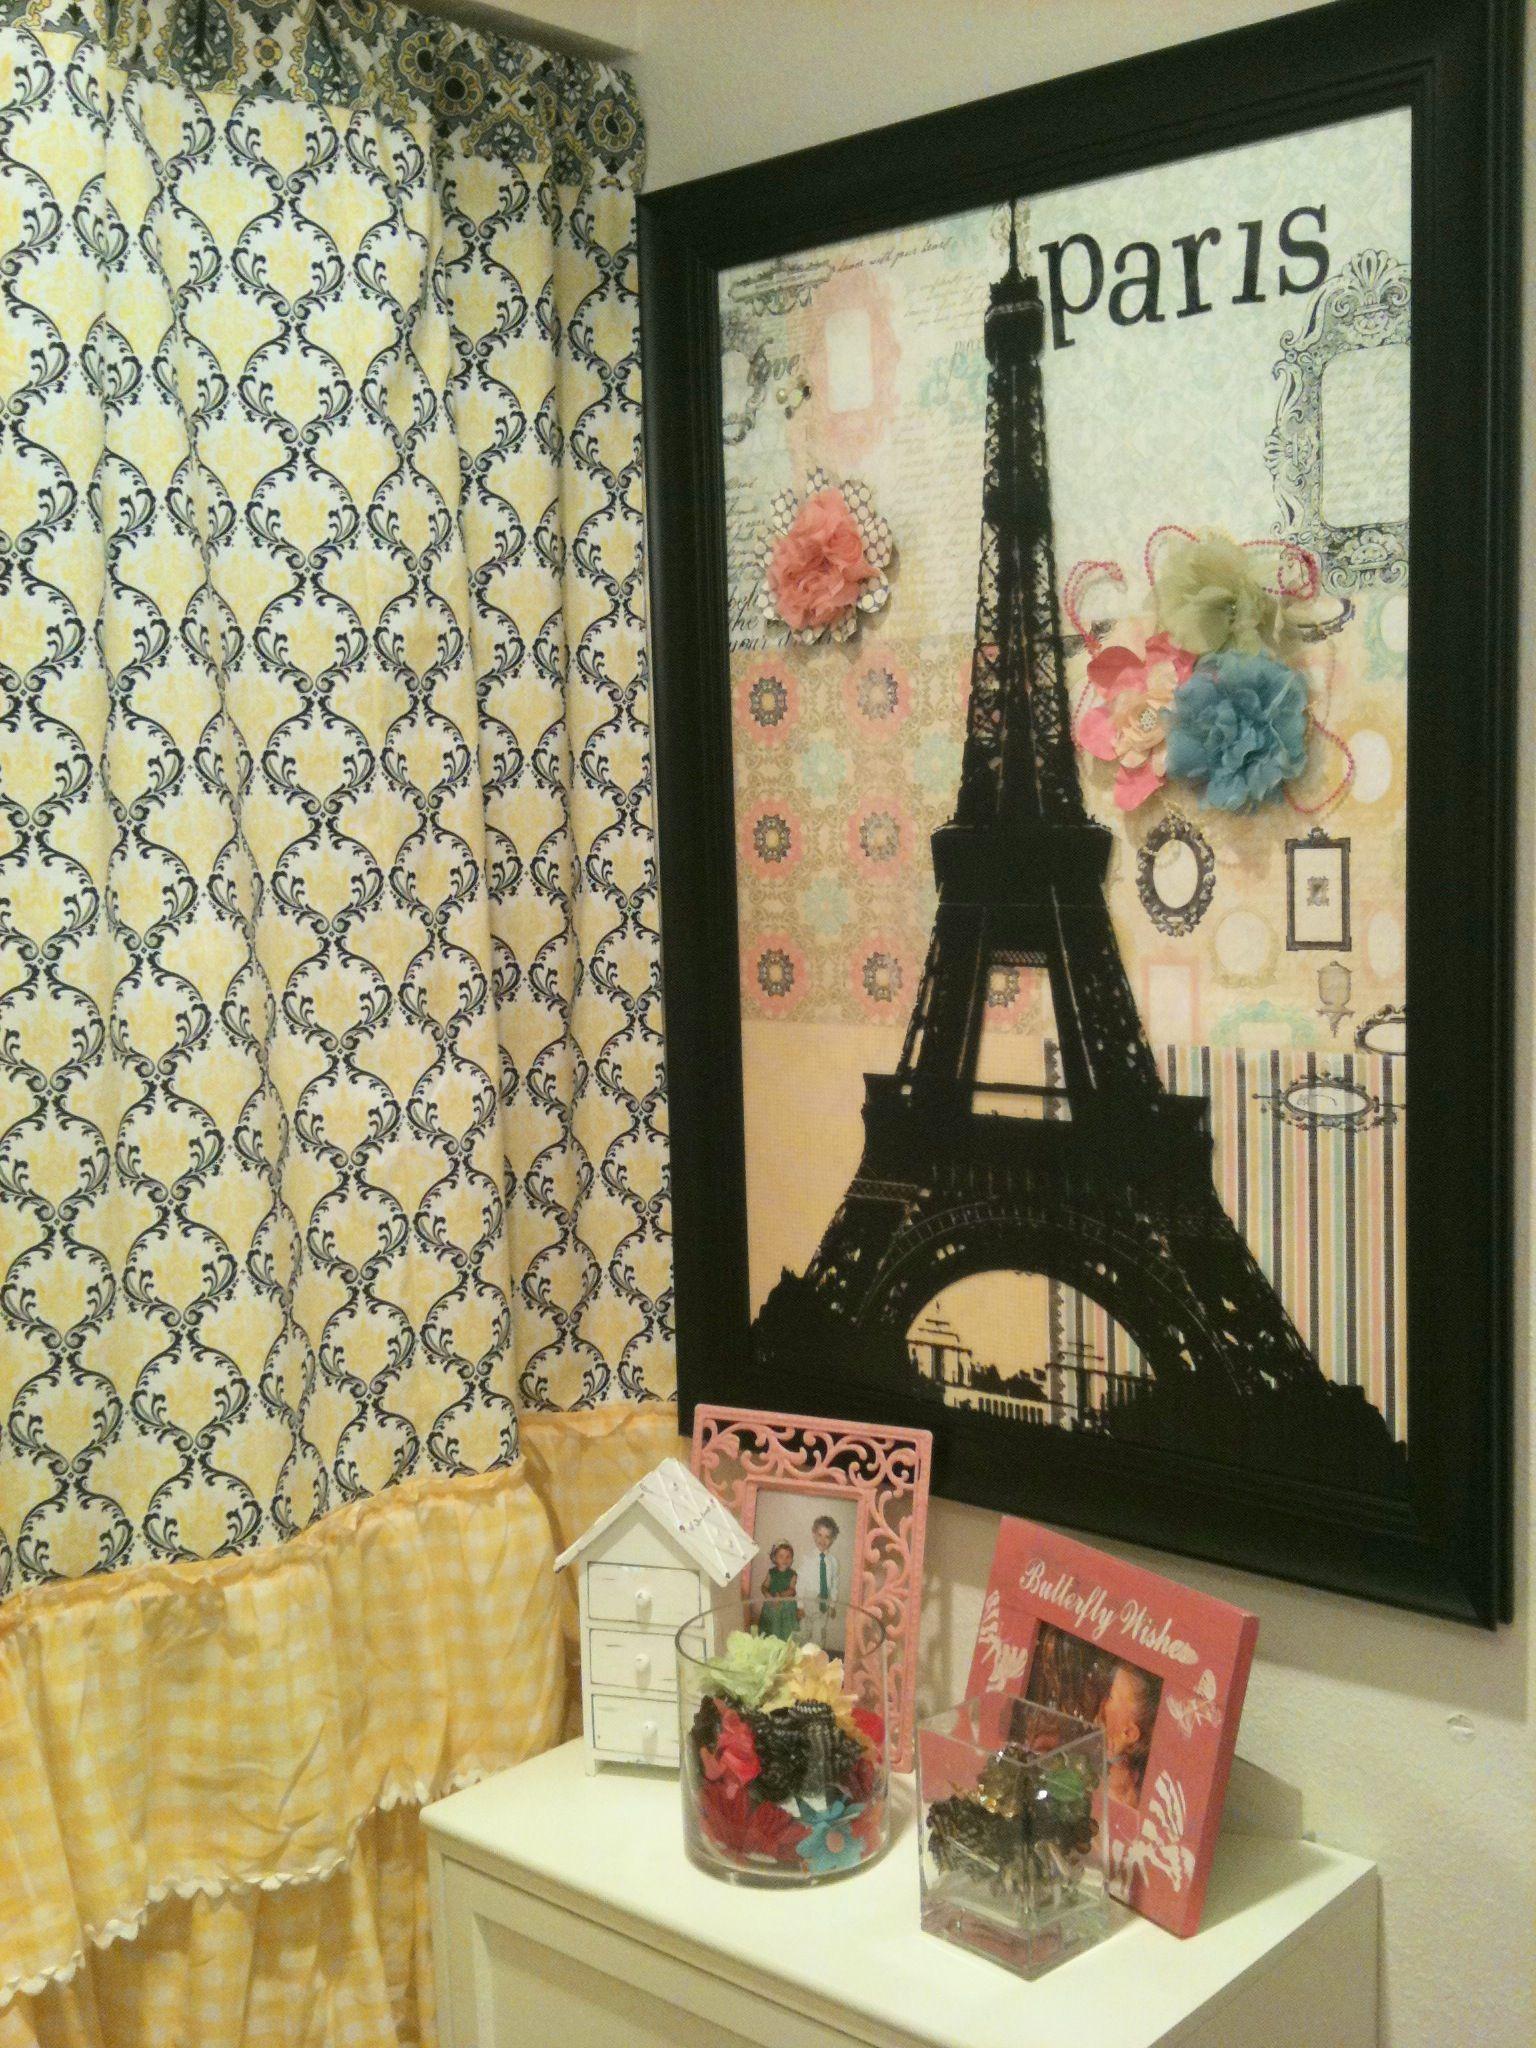 Scrapbook paper eiffel tower - Paris Art Made From A Frame And Scrapbook Paper Vinyl Eiffel Tower Decal And 3d